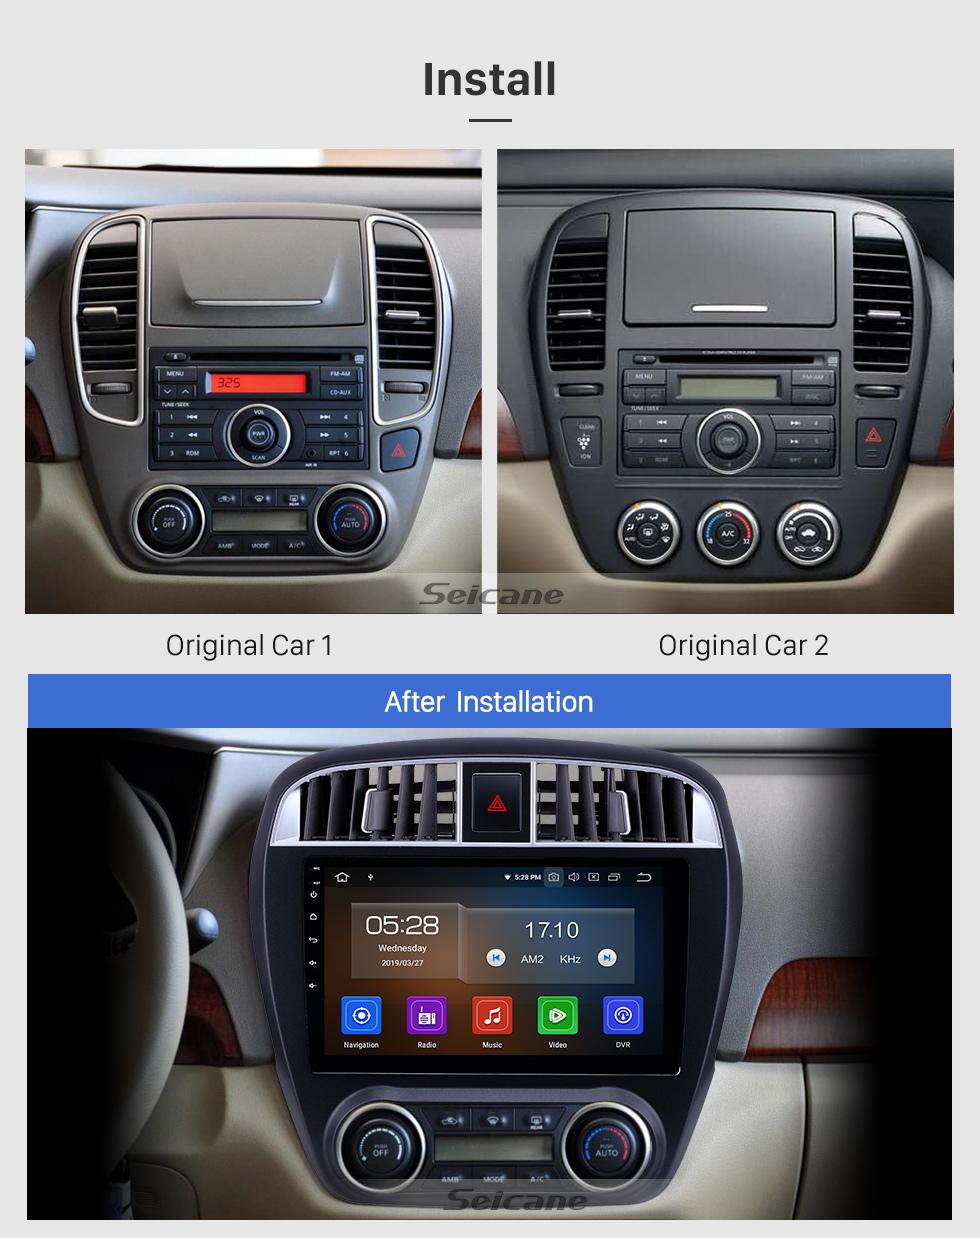 Seicane 2009 Nissan Sylphy Android 9.0 Radio de navigation GPS 9 pouces Bluetooth AUX HD Écran tactile USB Support Carplay TPMS DVR Caméra de recul